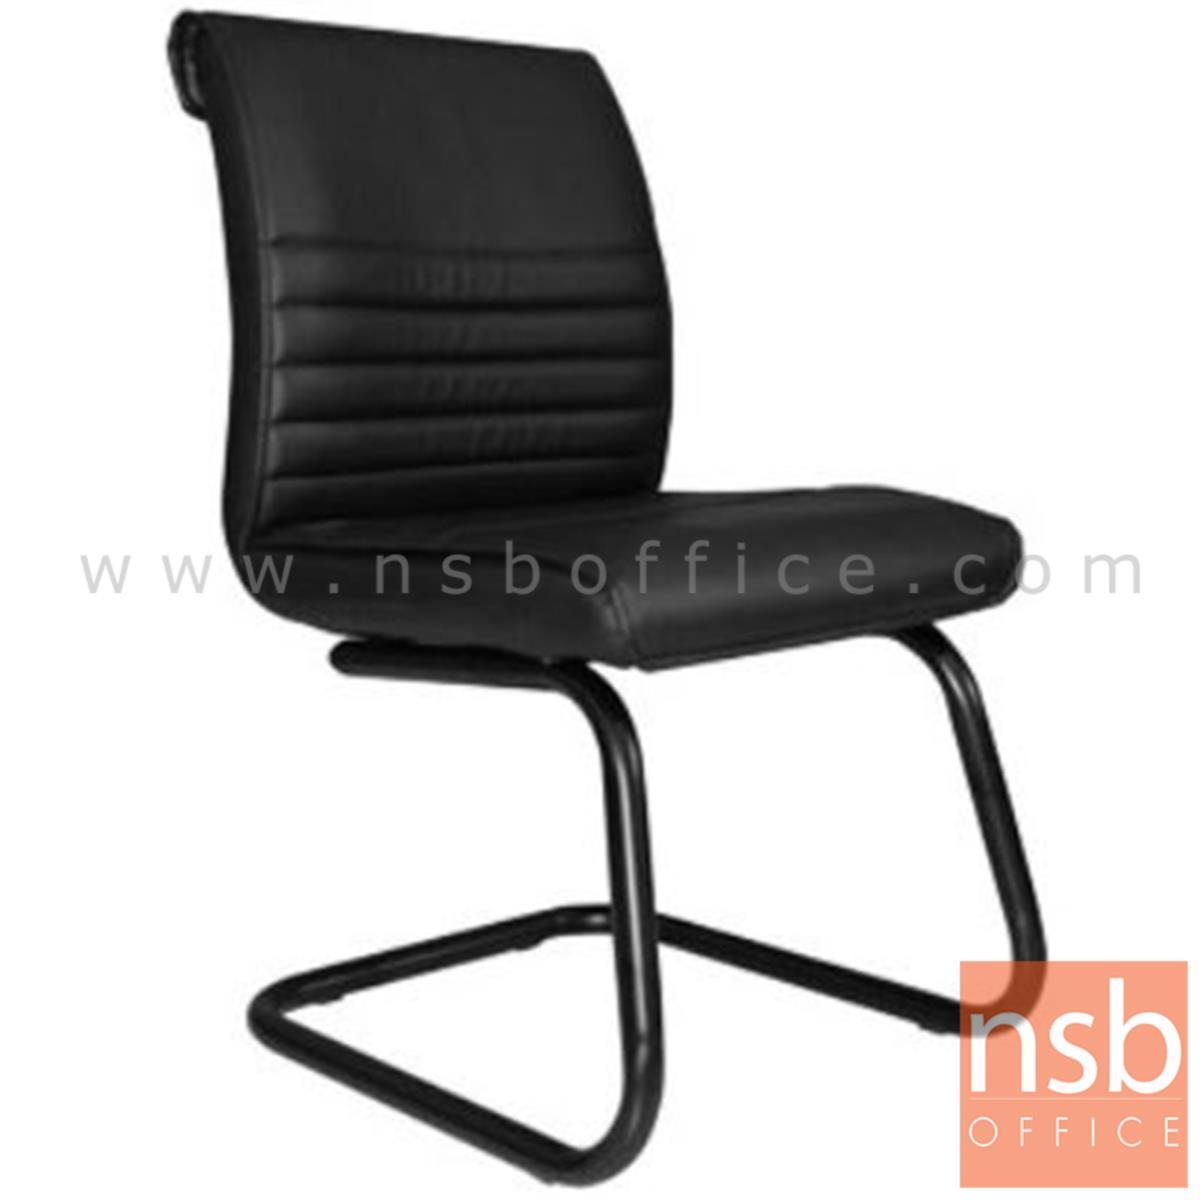 B04A161:เก้าอี้รับแขกขาตัวซี รุ่น Valio (แวริโอ)  ขาเหล็กพ่นดำ